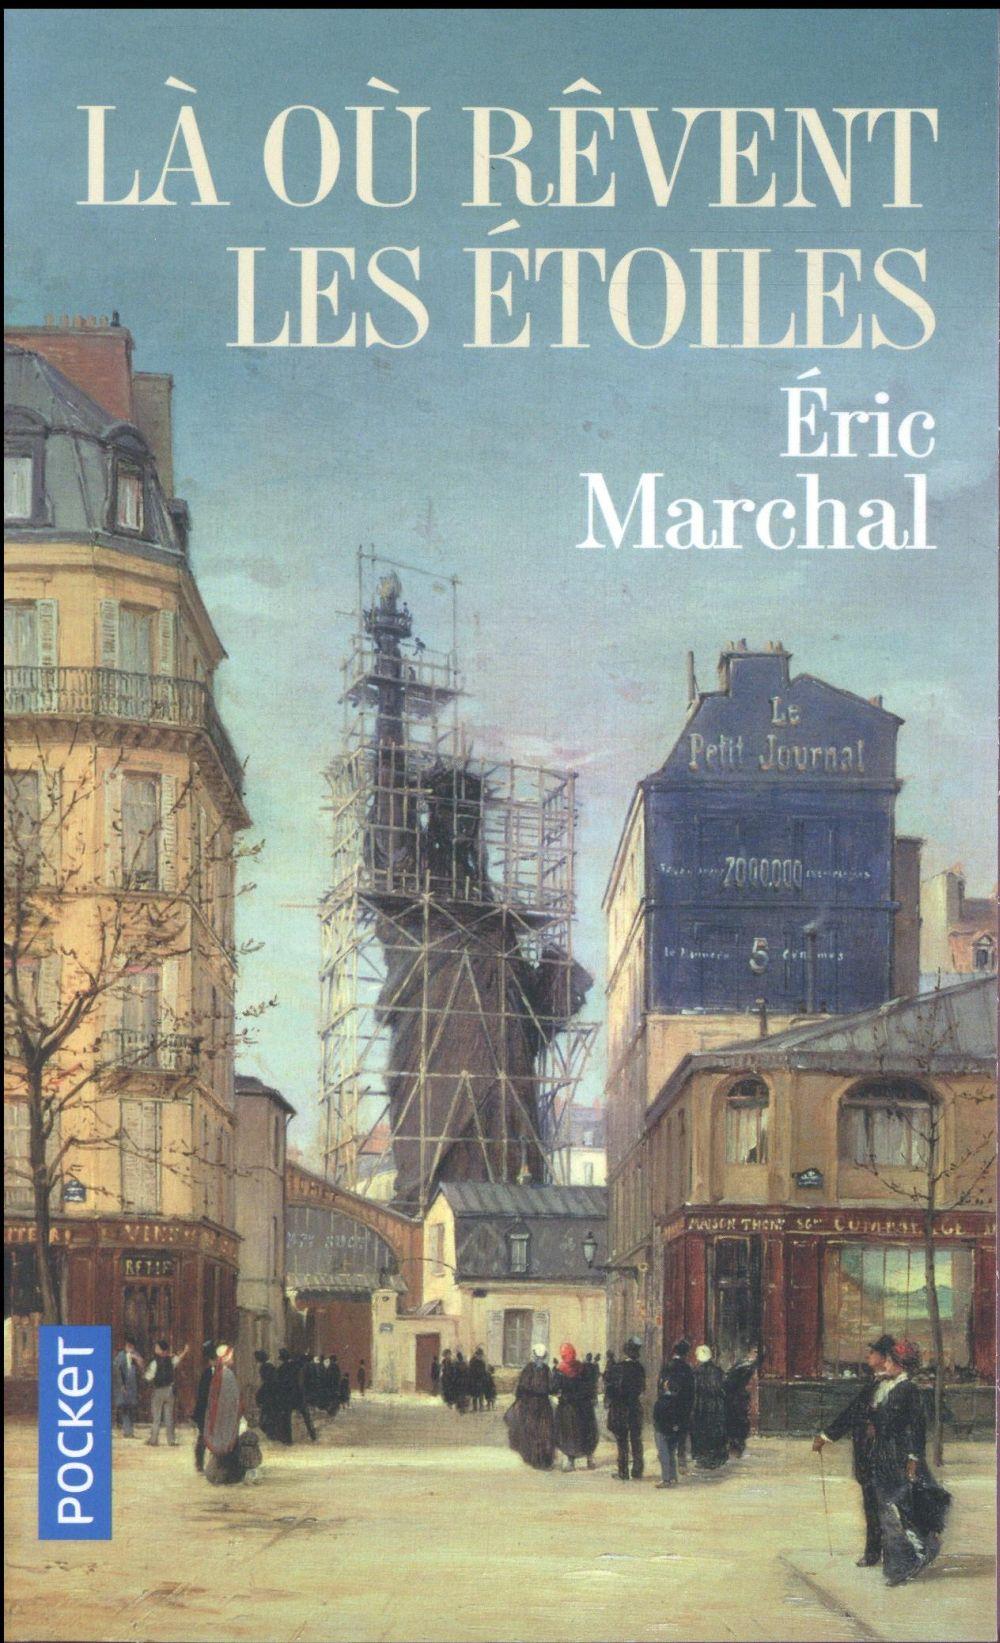 Marchal Éric - LA OU REVENT LES ETOILES